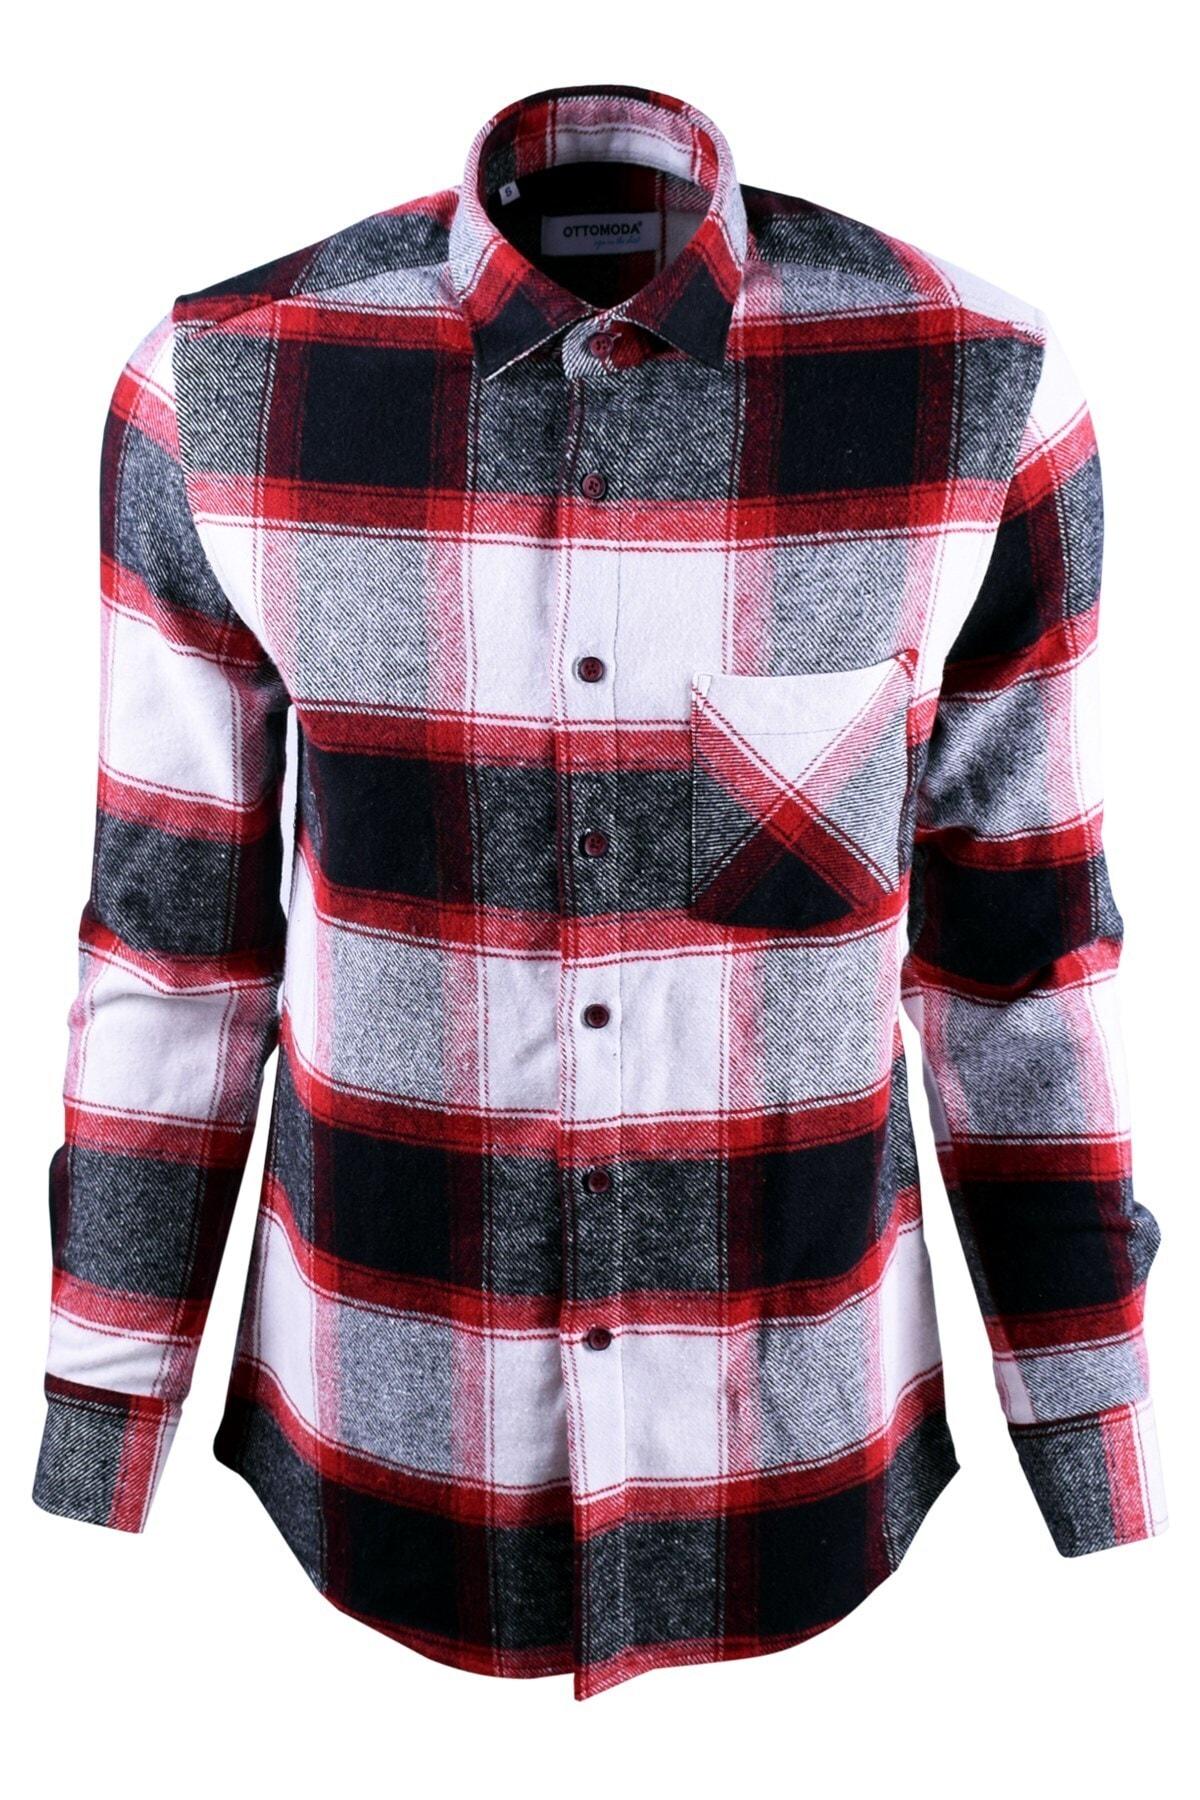 Ottomoda Beyaz Siyah Kırmızı Ekose Desenli Oduncu Gömlek 2